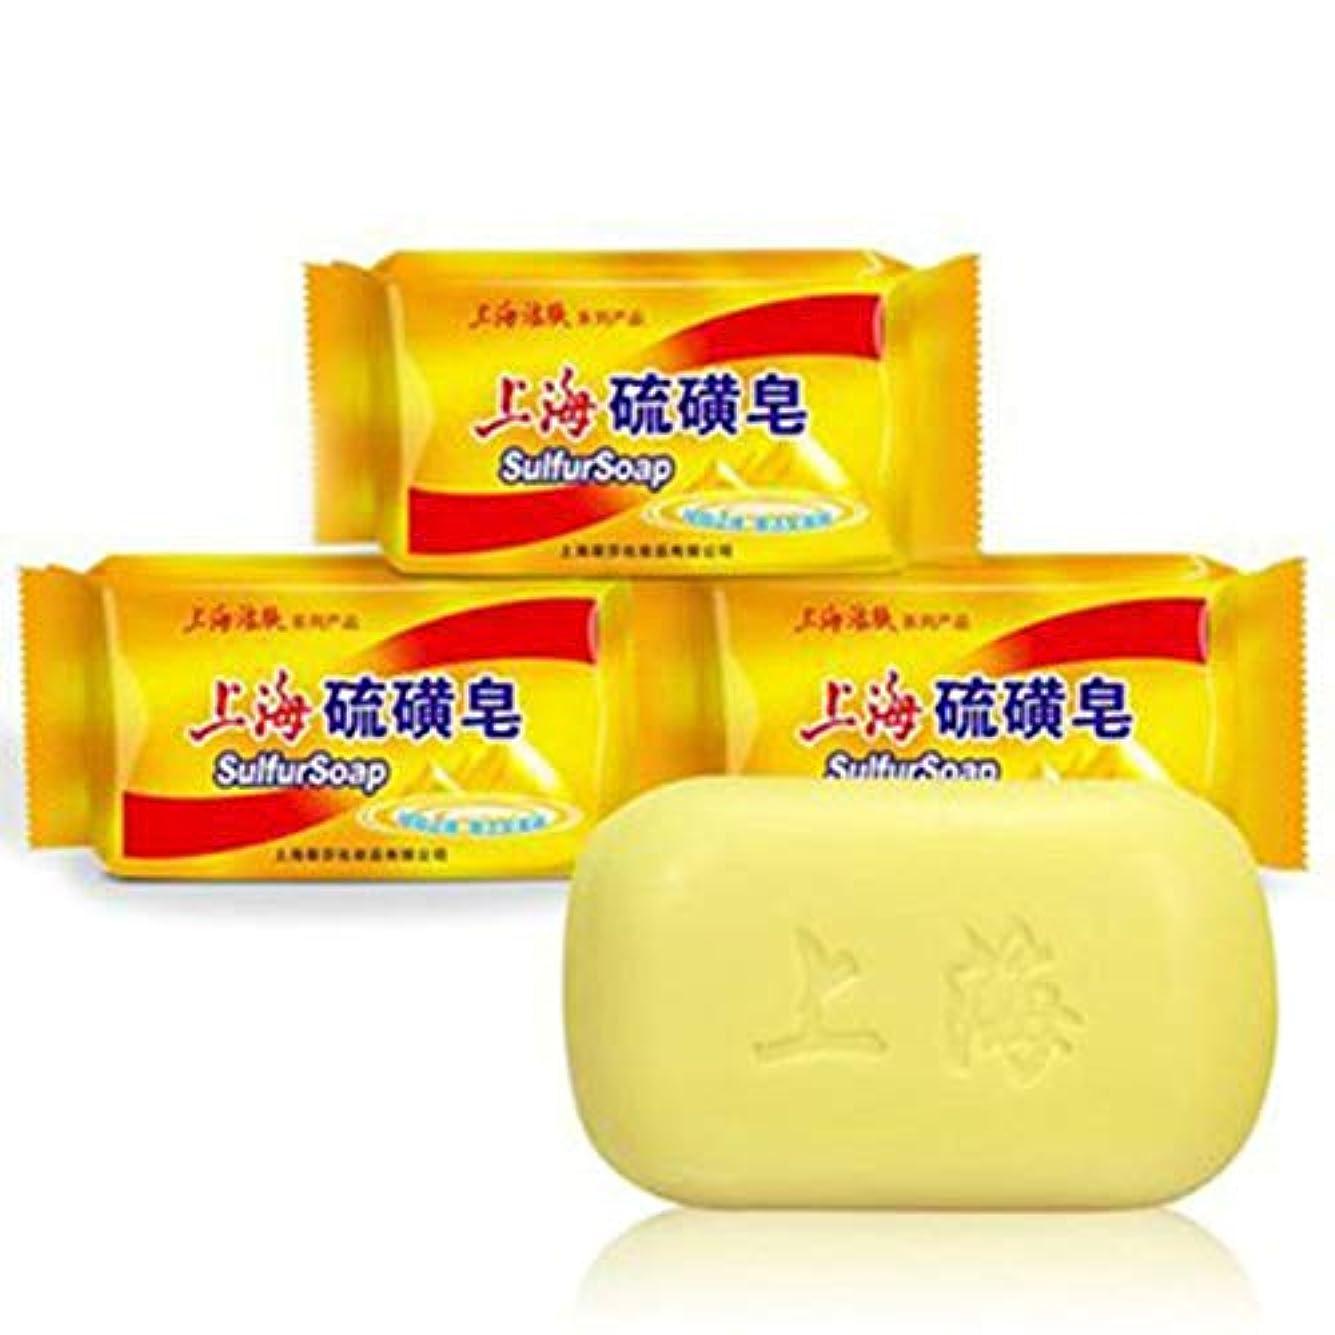 答え疑い者海洋の石鹸、ダニ石鹸入浴ユニセックス(3パック)に上海硫黄石鹸コントロールオイルフケ